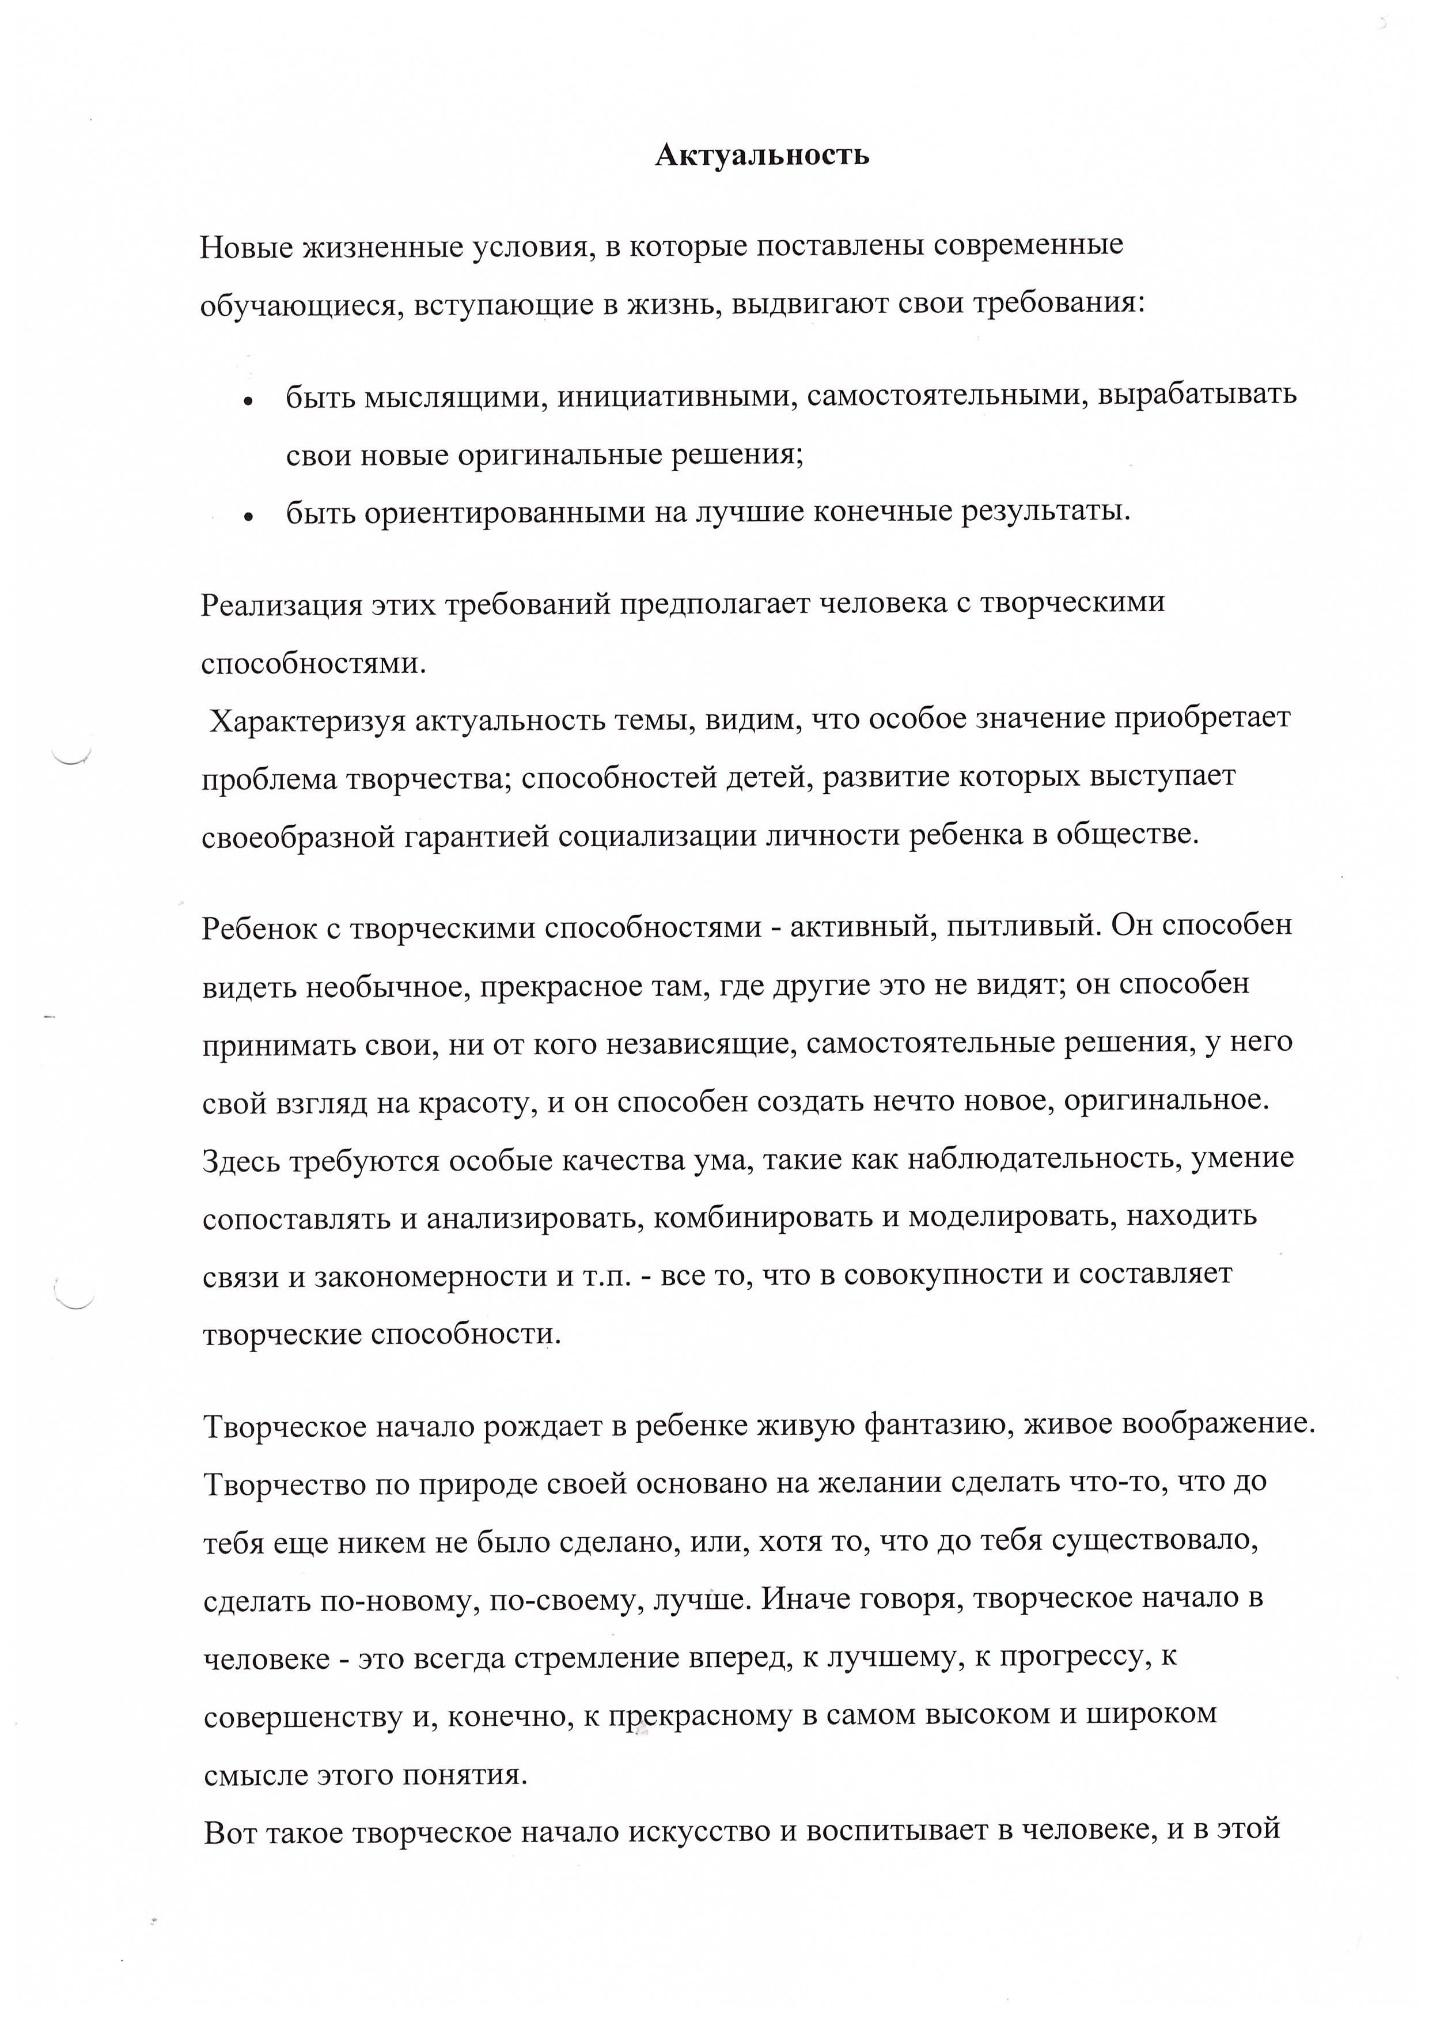 G:\Попова Н.В\1 стр.jpeg